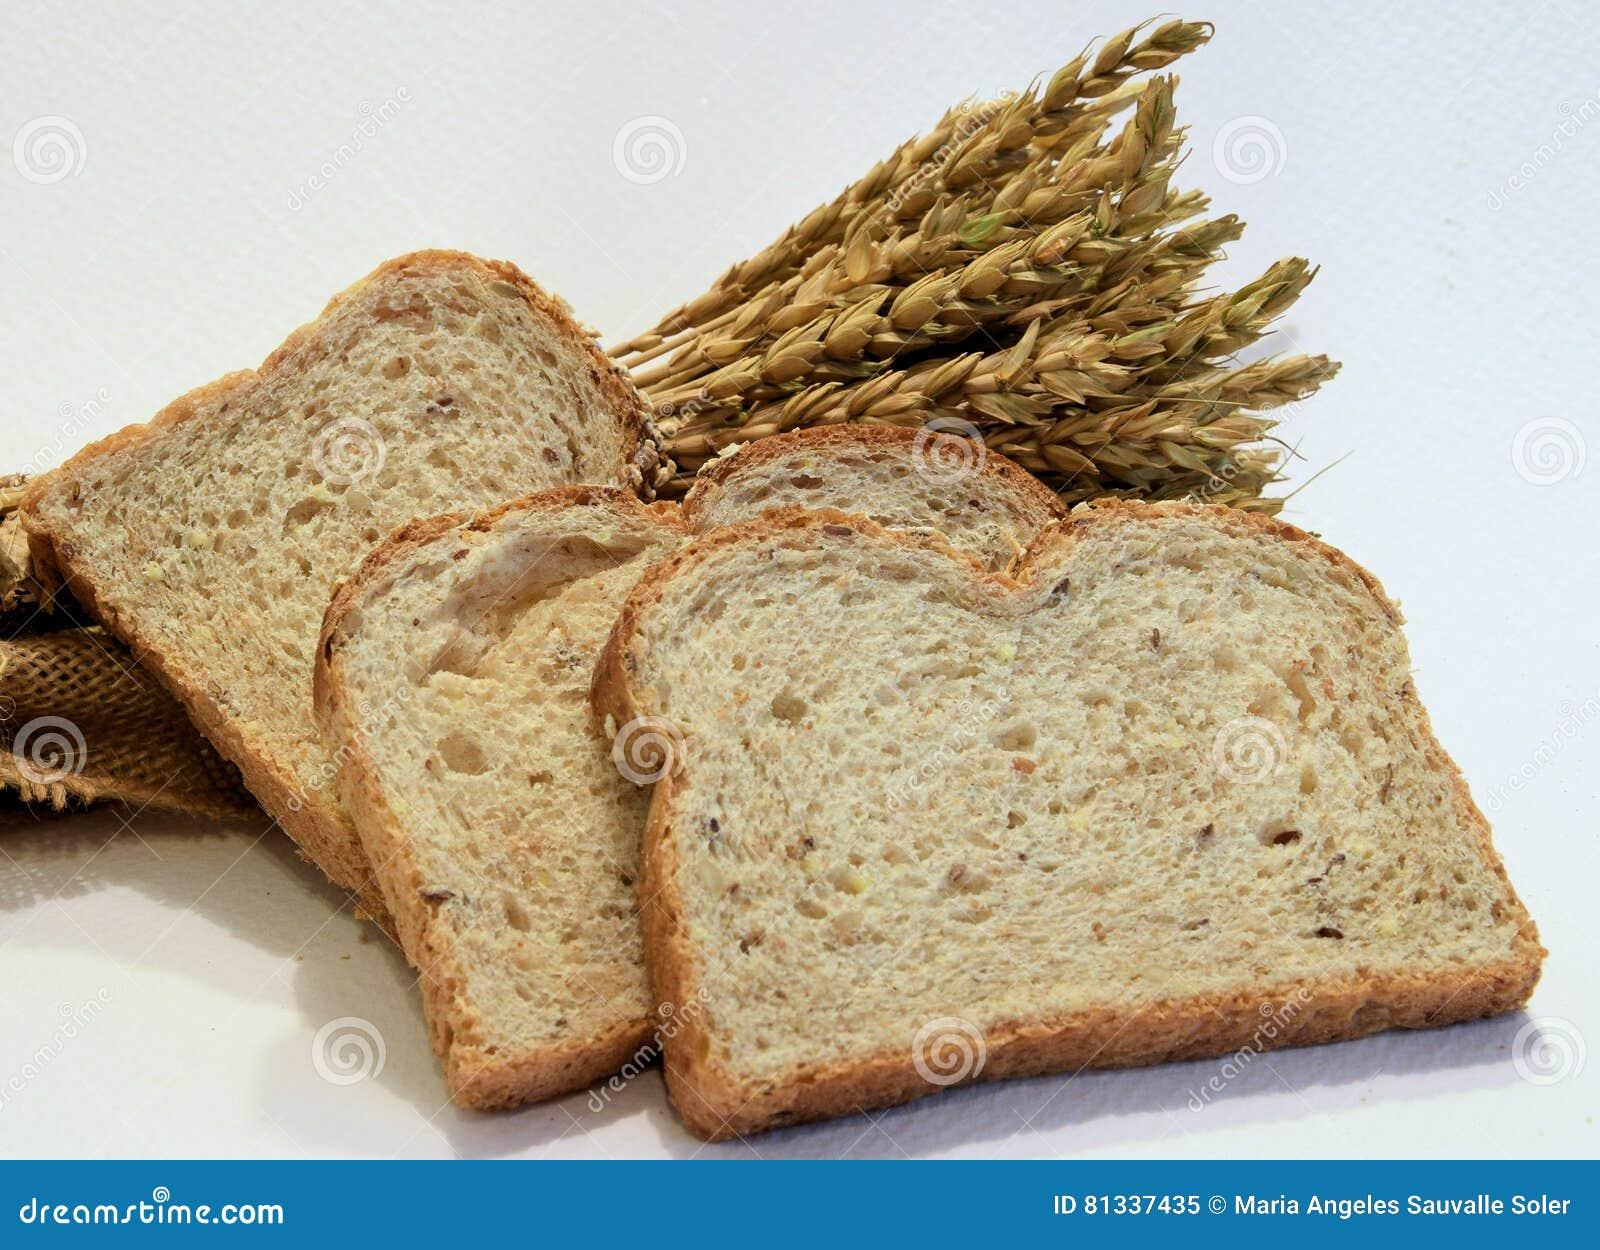 Nacos de pão com orelhas